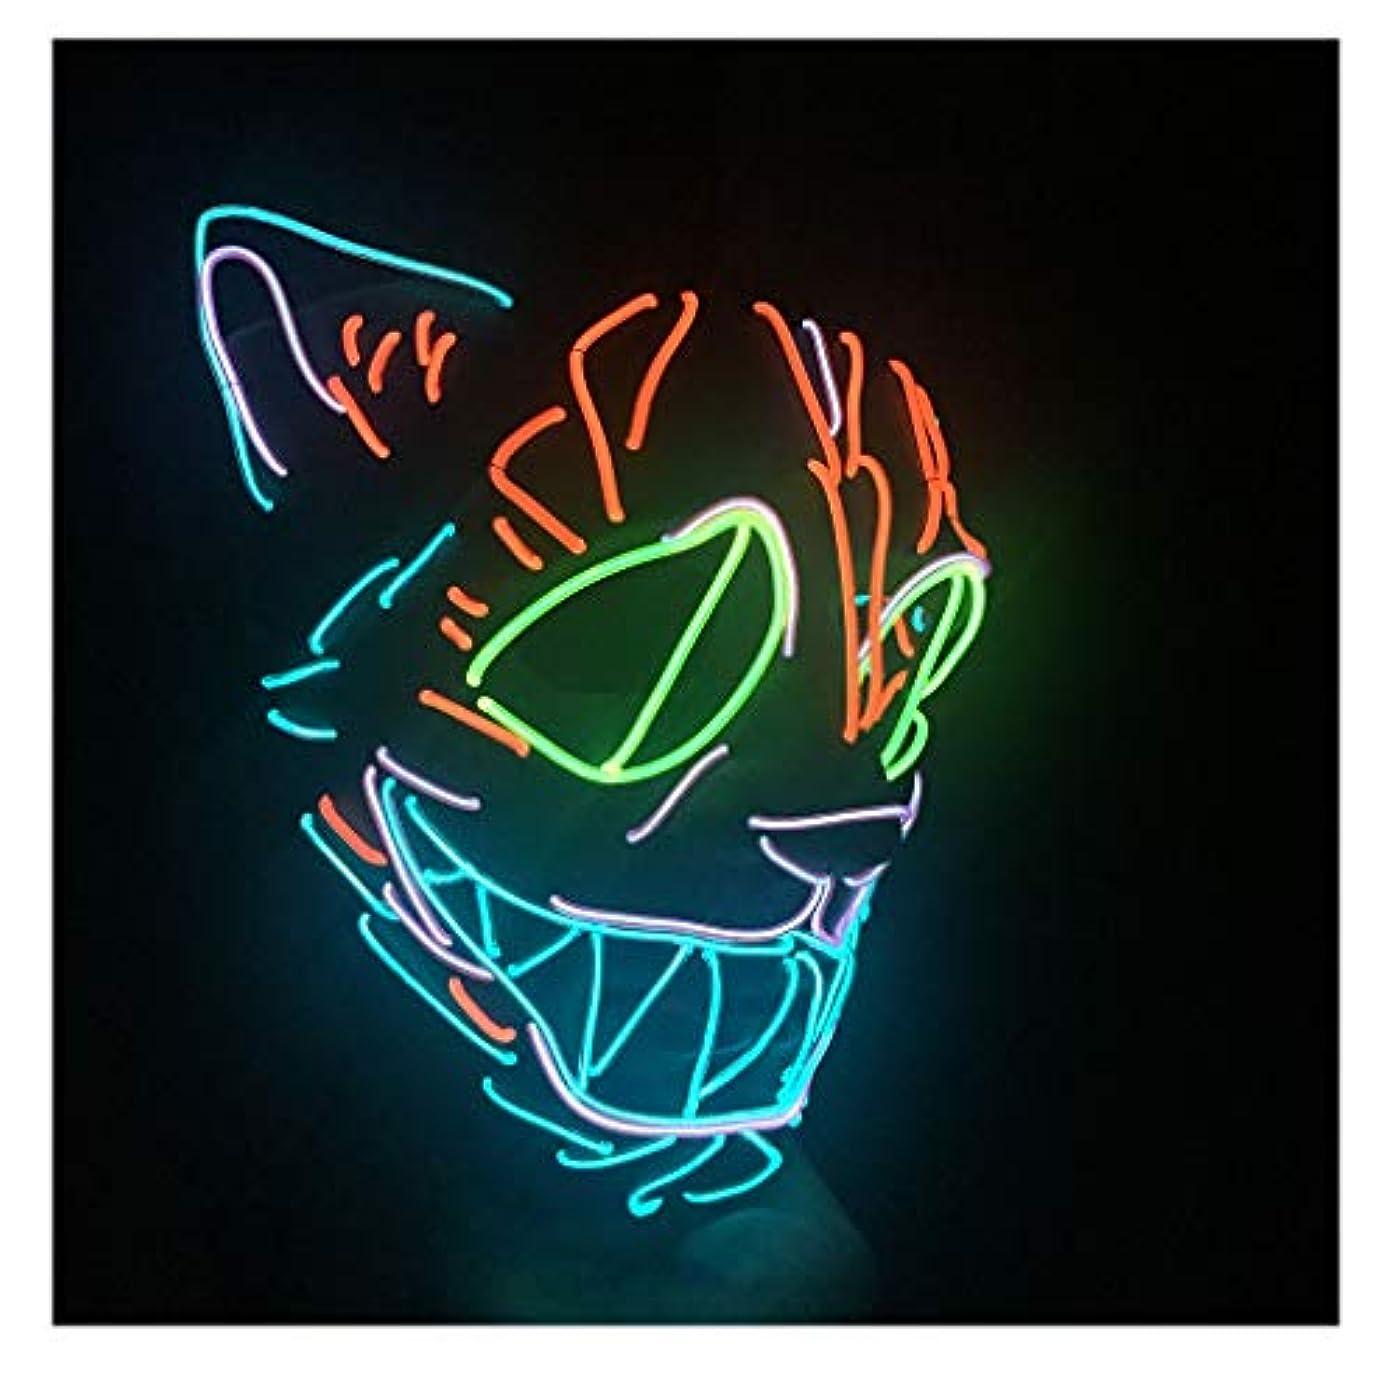 個性違法存在怖いマスクハロウィンコスプレ-コスチュームマスクライトアップフェスティバルパーティー用LEDマスクブルー,赤